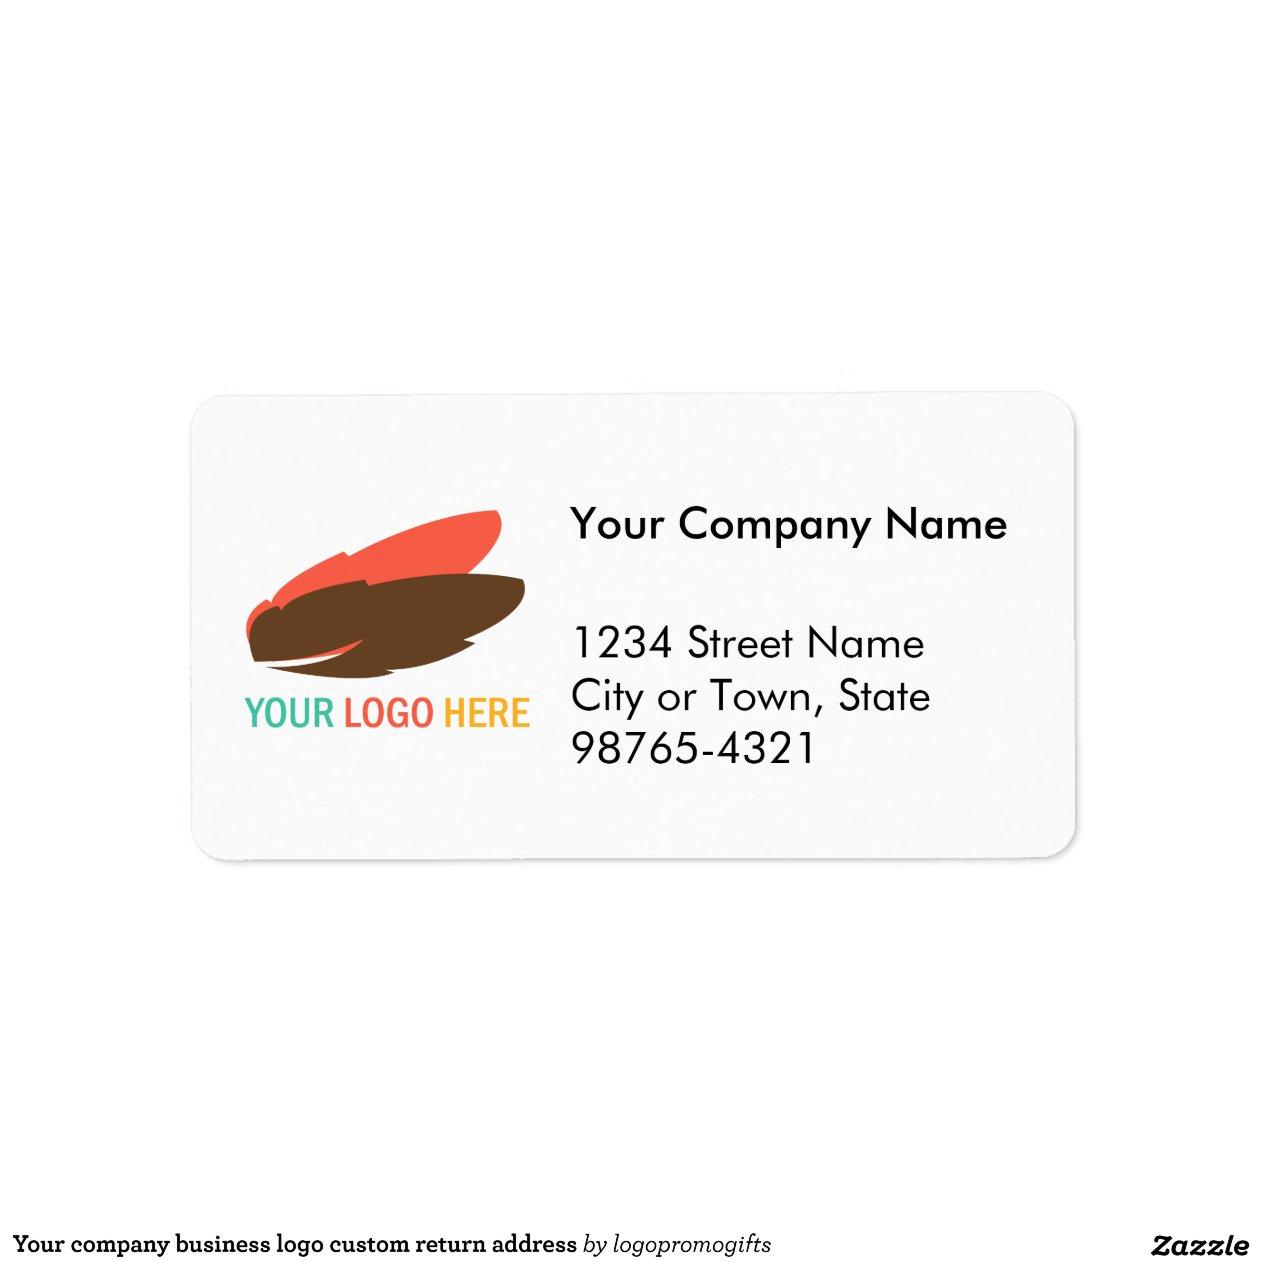 V Company Logo Your company business logo